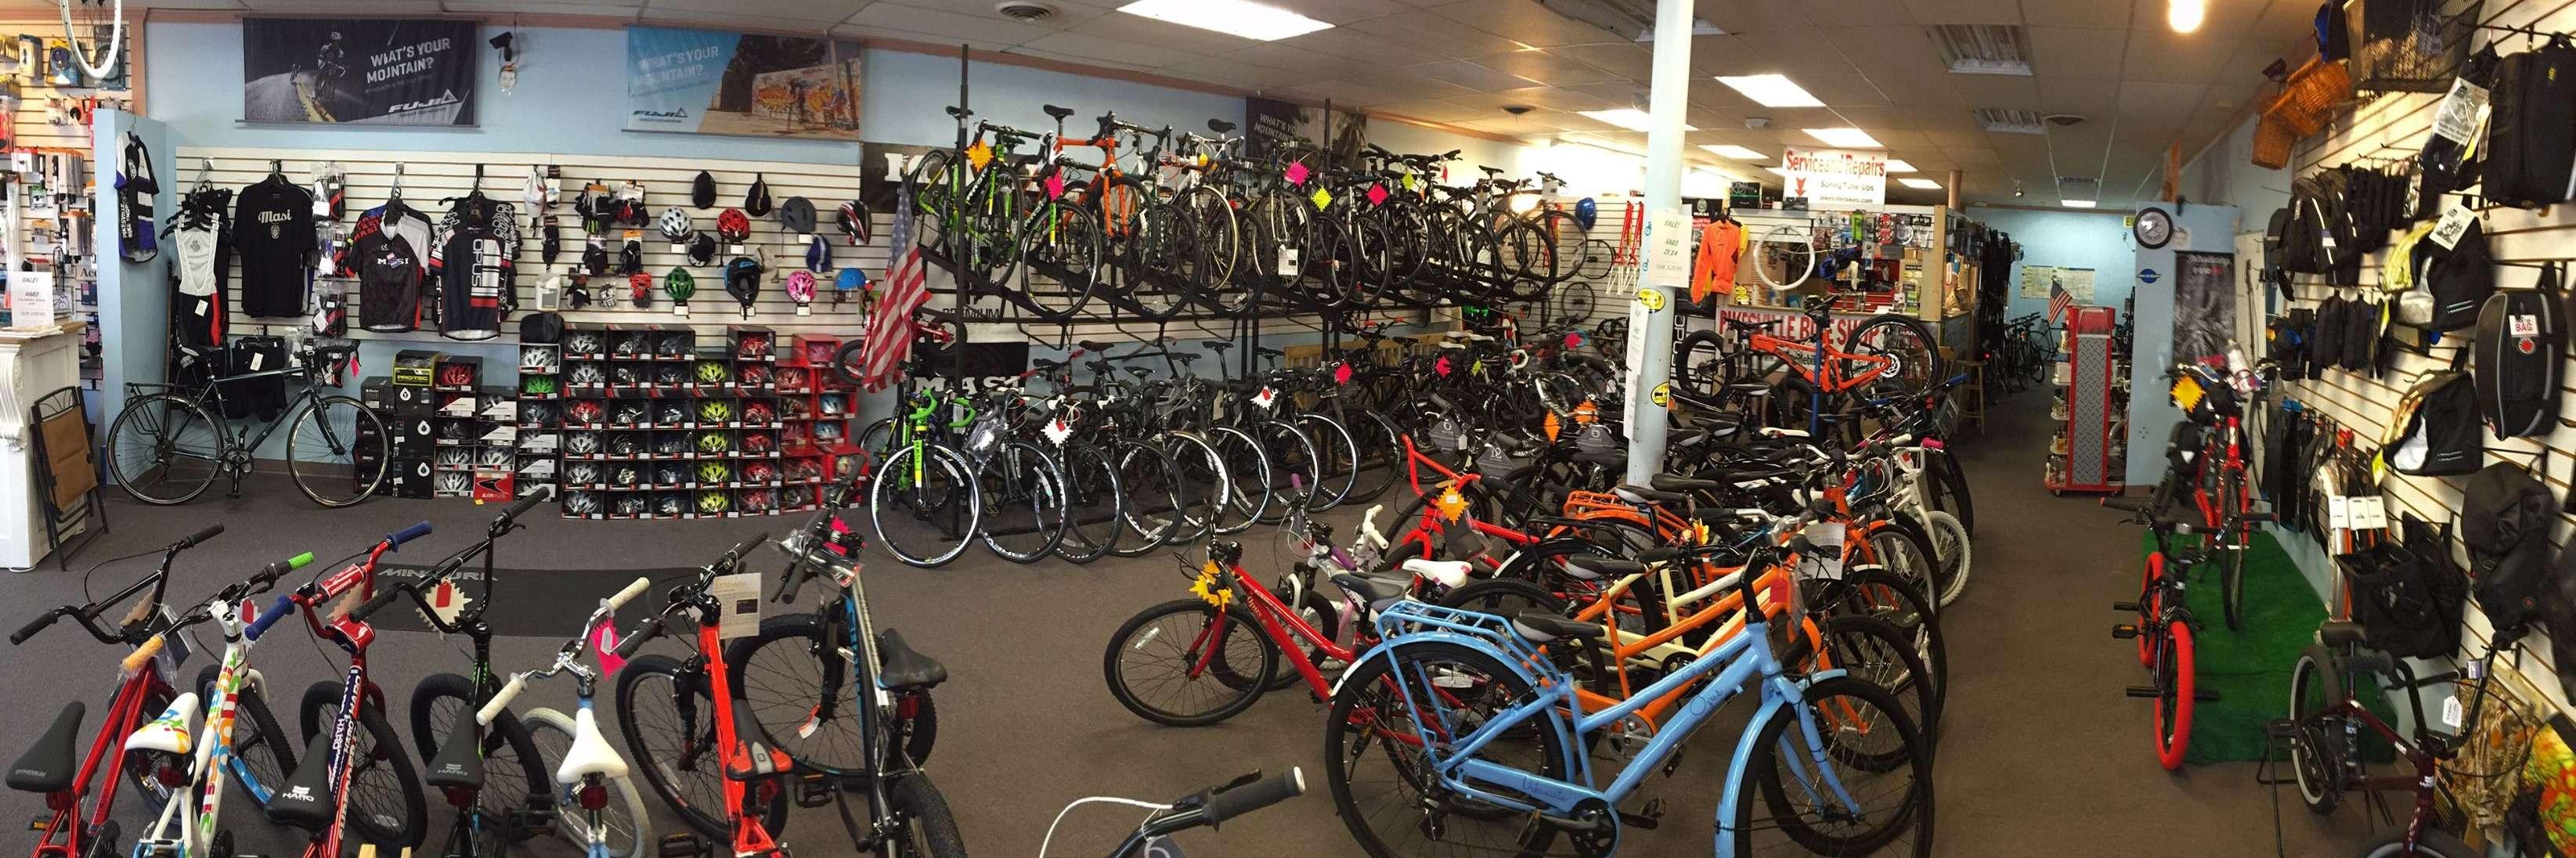 Interior of Pikesville Bike Shop